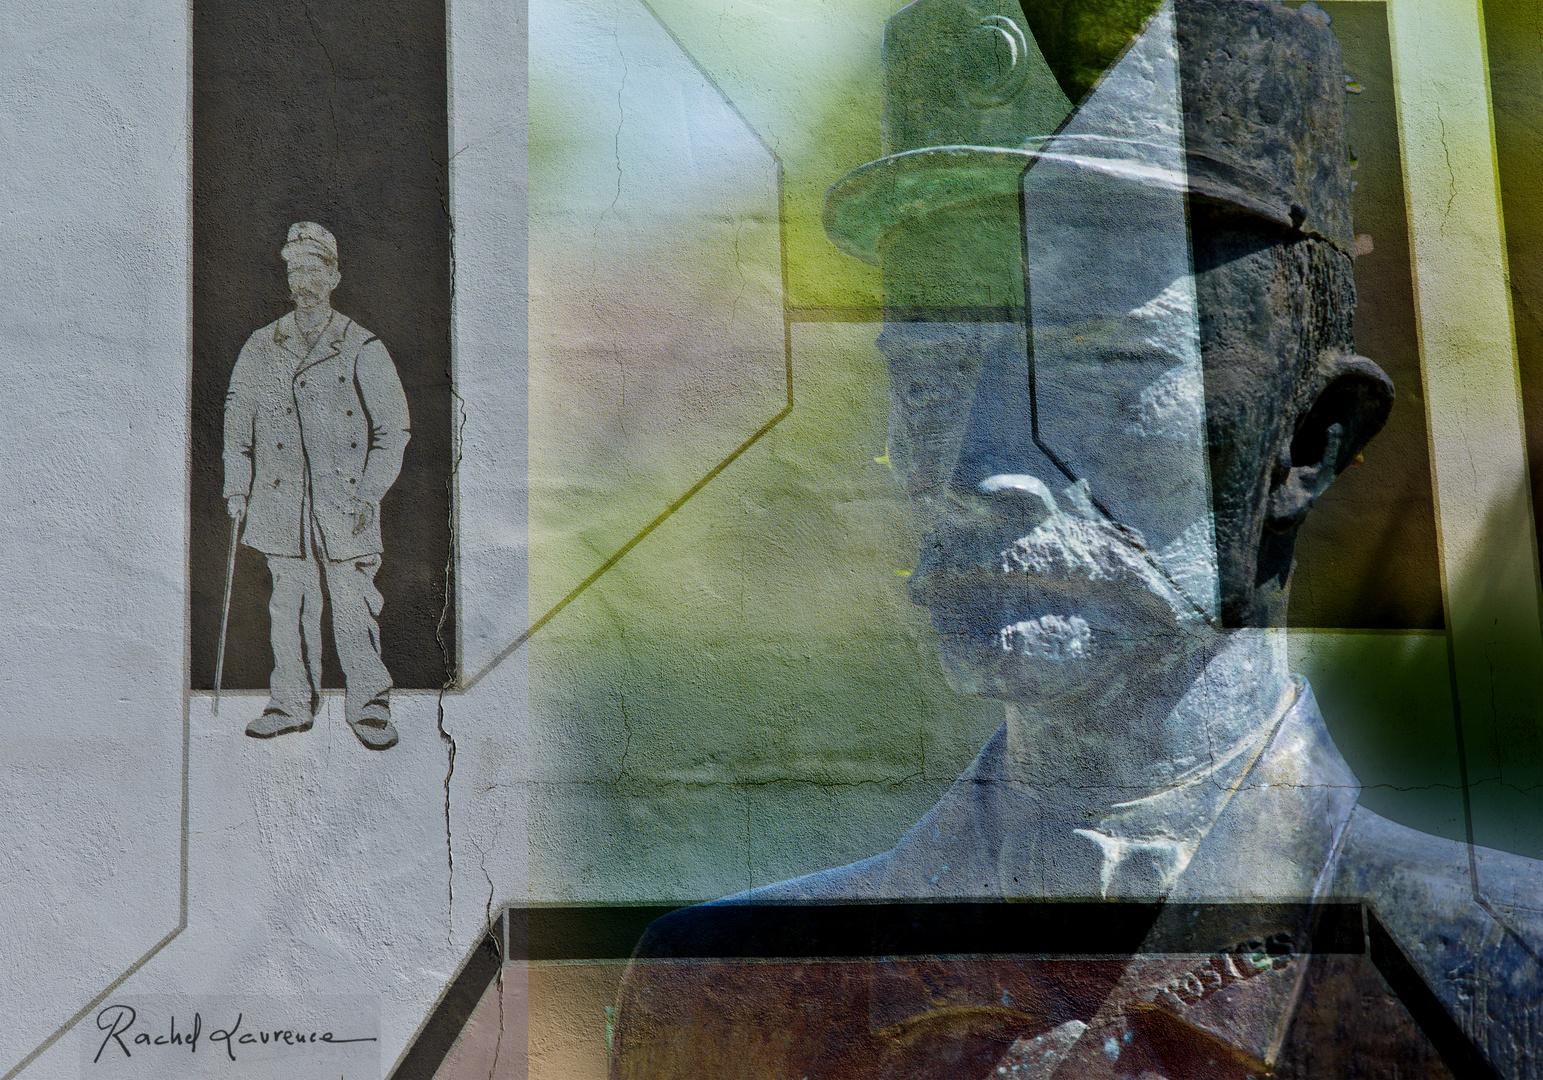 Le Facteur Ferdinand Cheval (photo réalisée à partir d'un buste et d'une peinture murale)